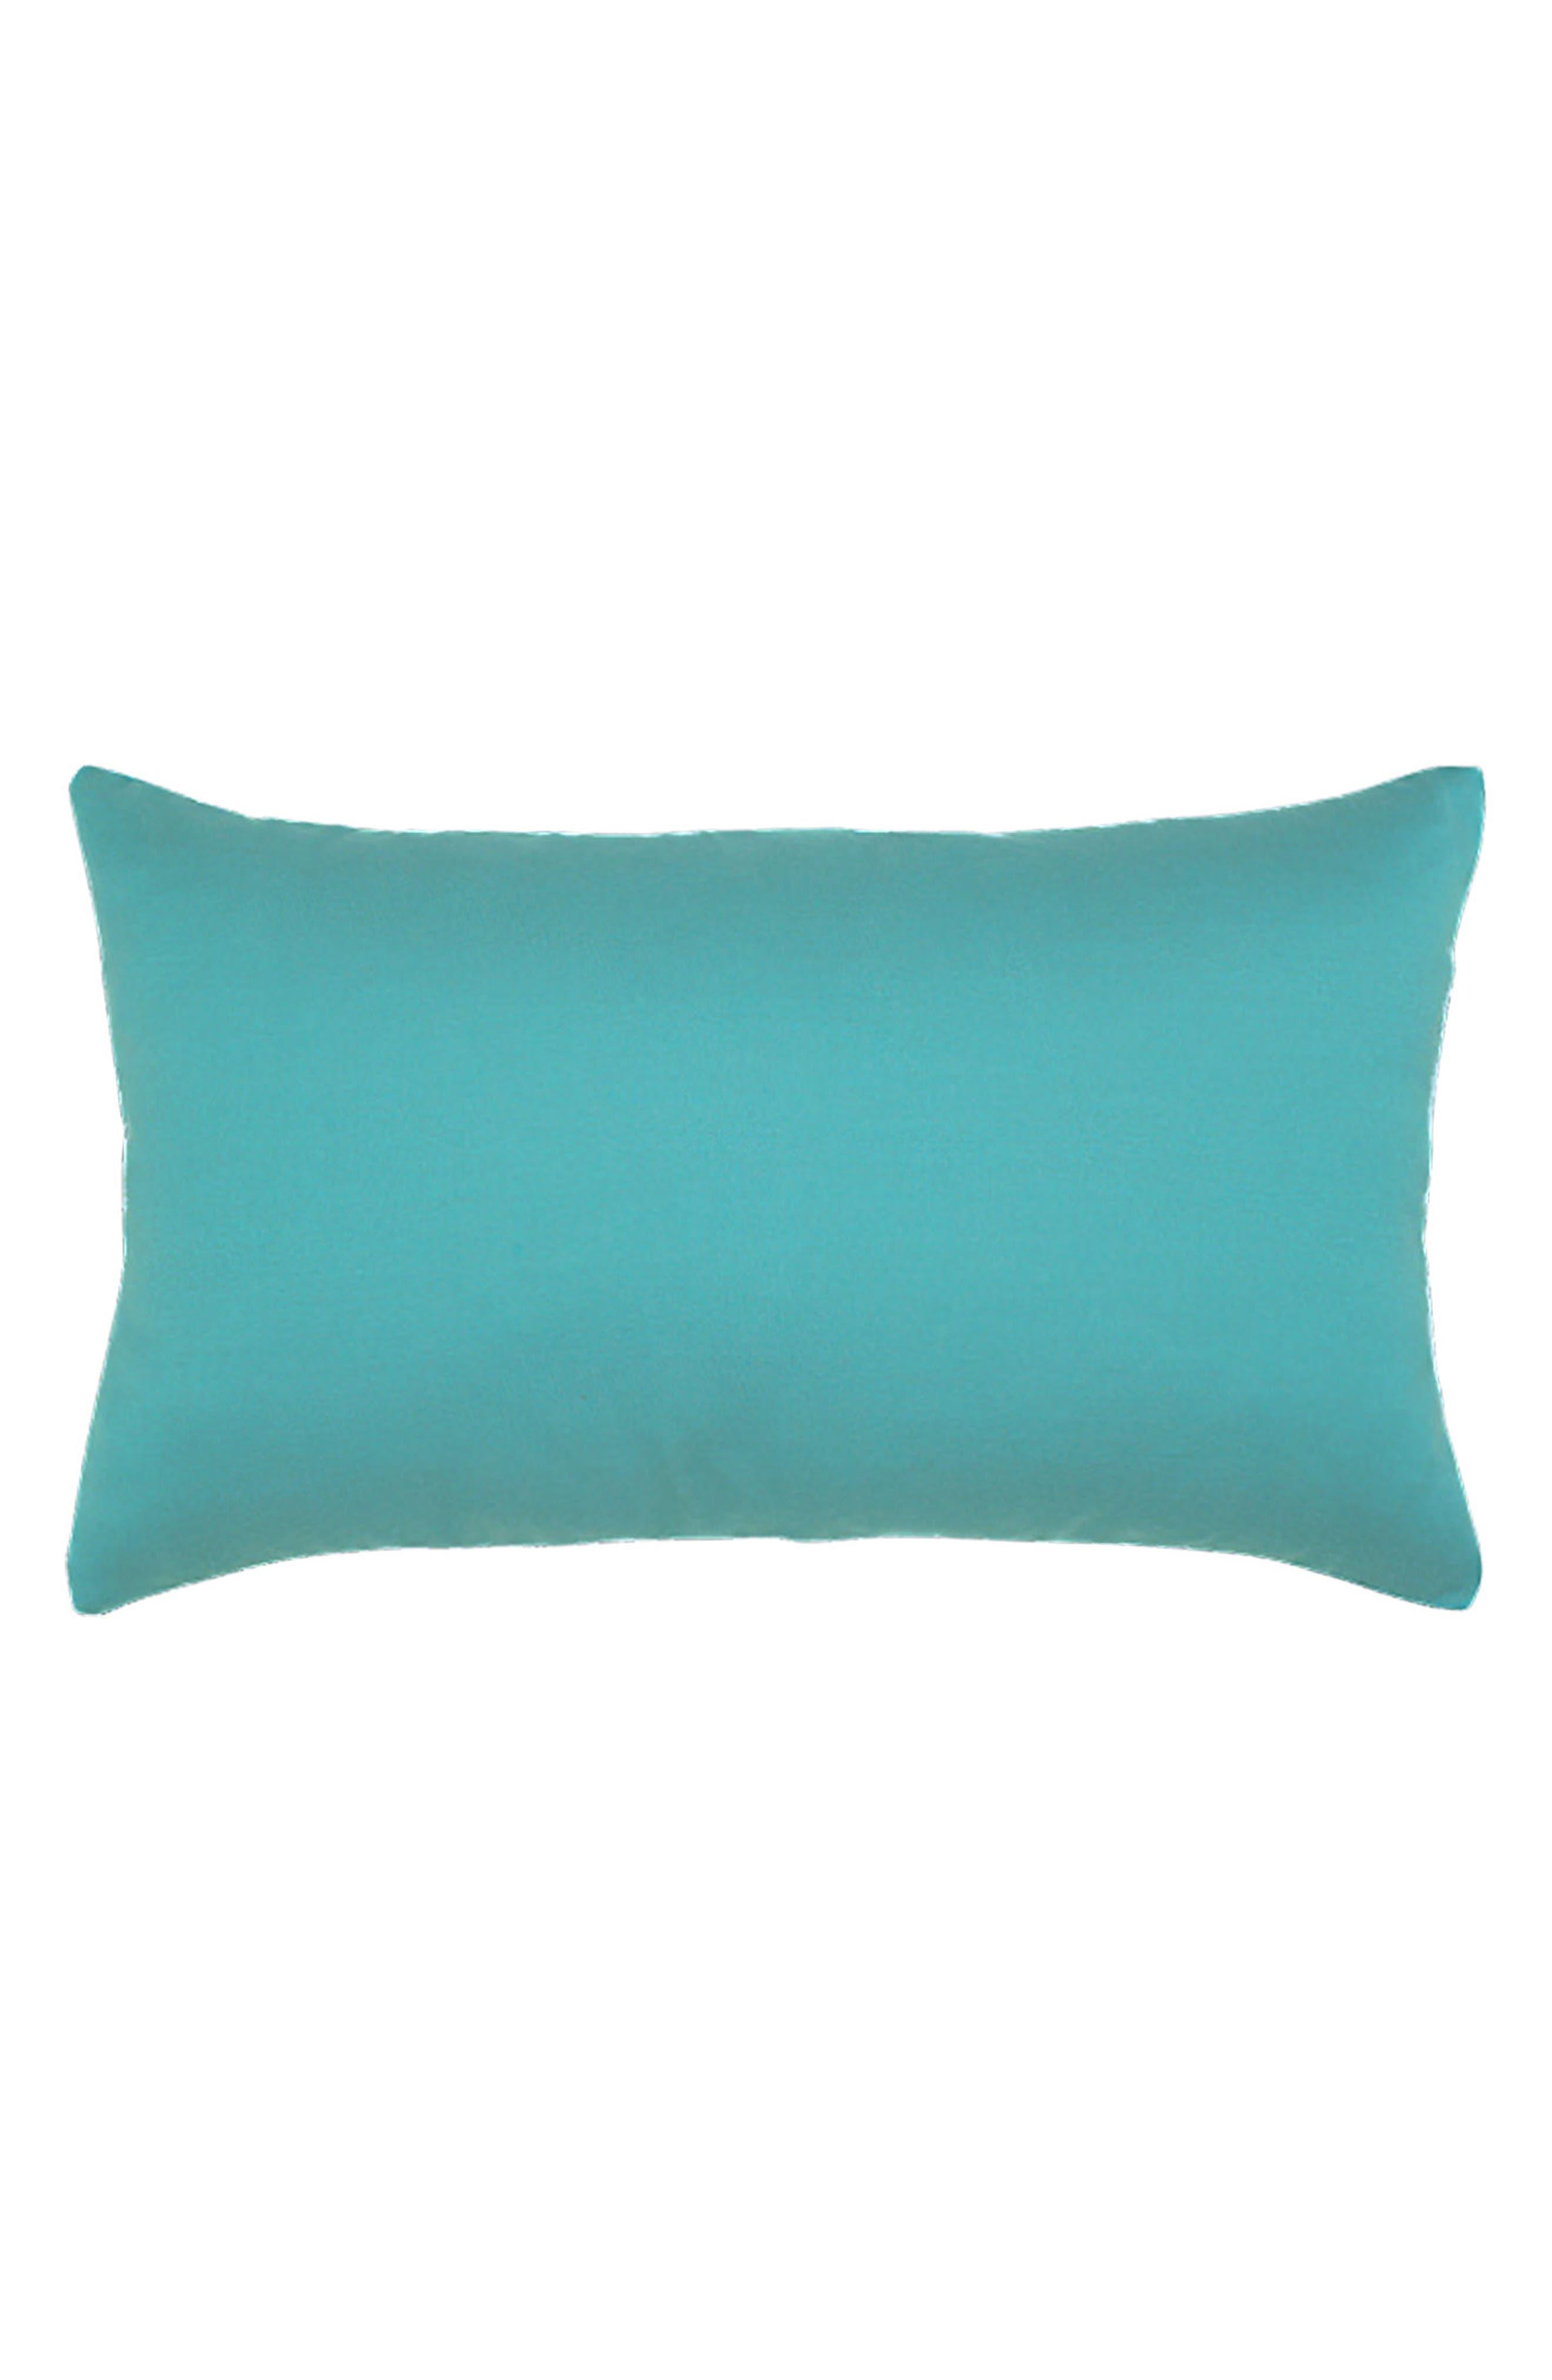 Gladiator Aruba Lumbar Pillow,                             Alternate thumbnail 2, color,                             BLUE